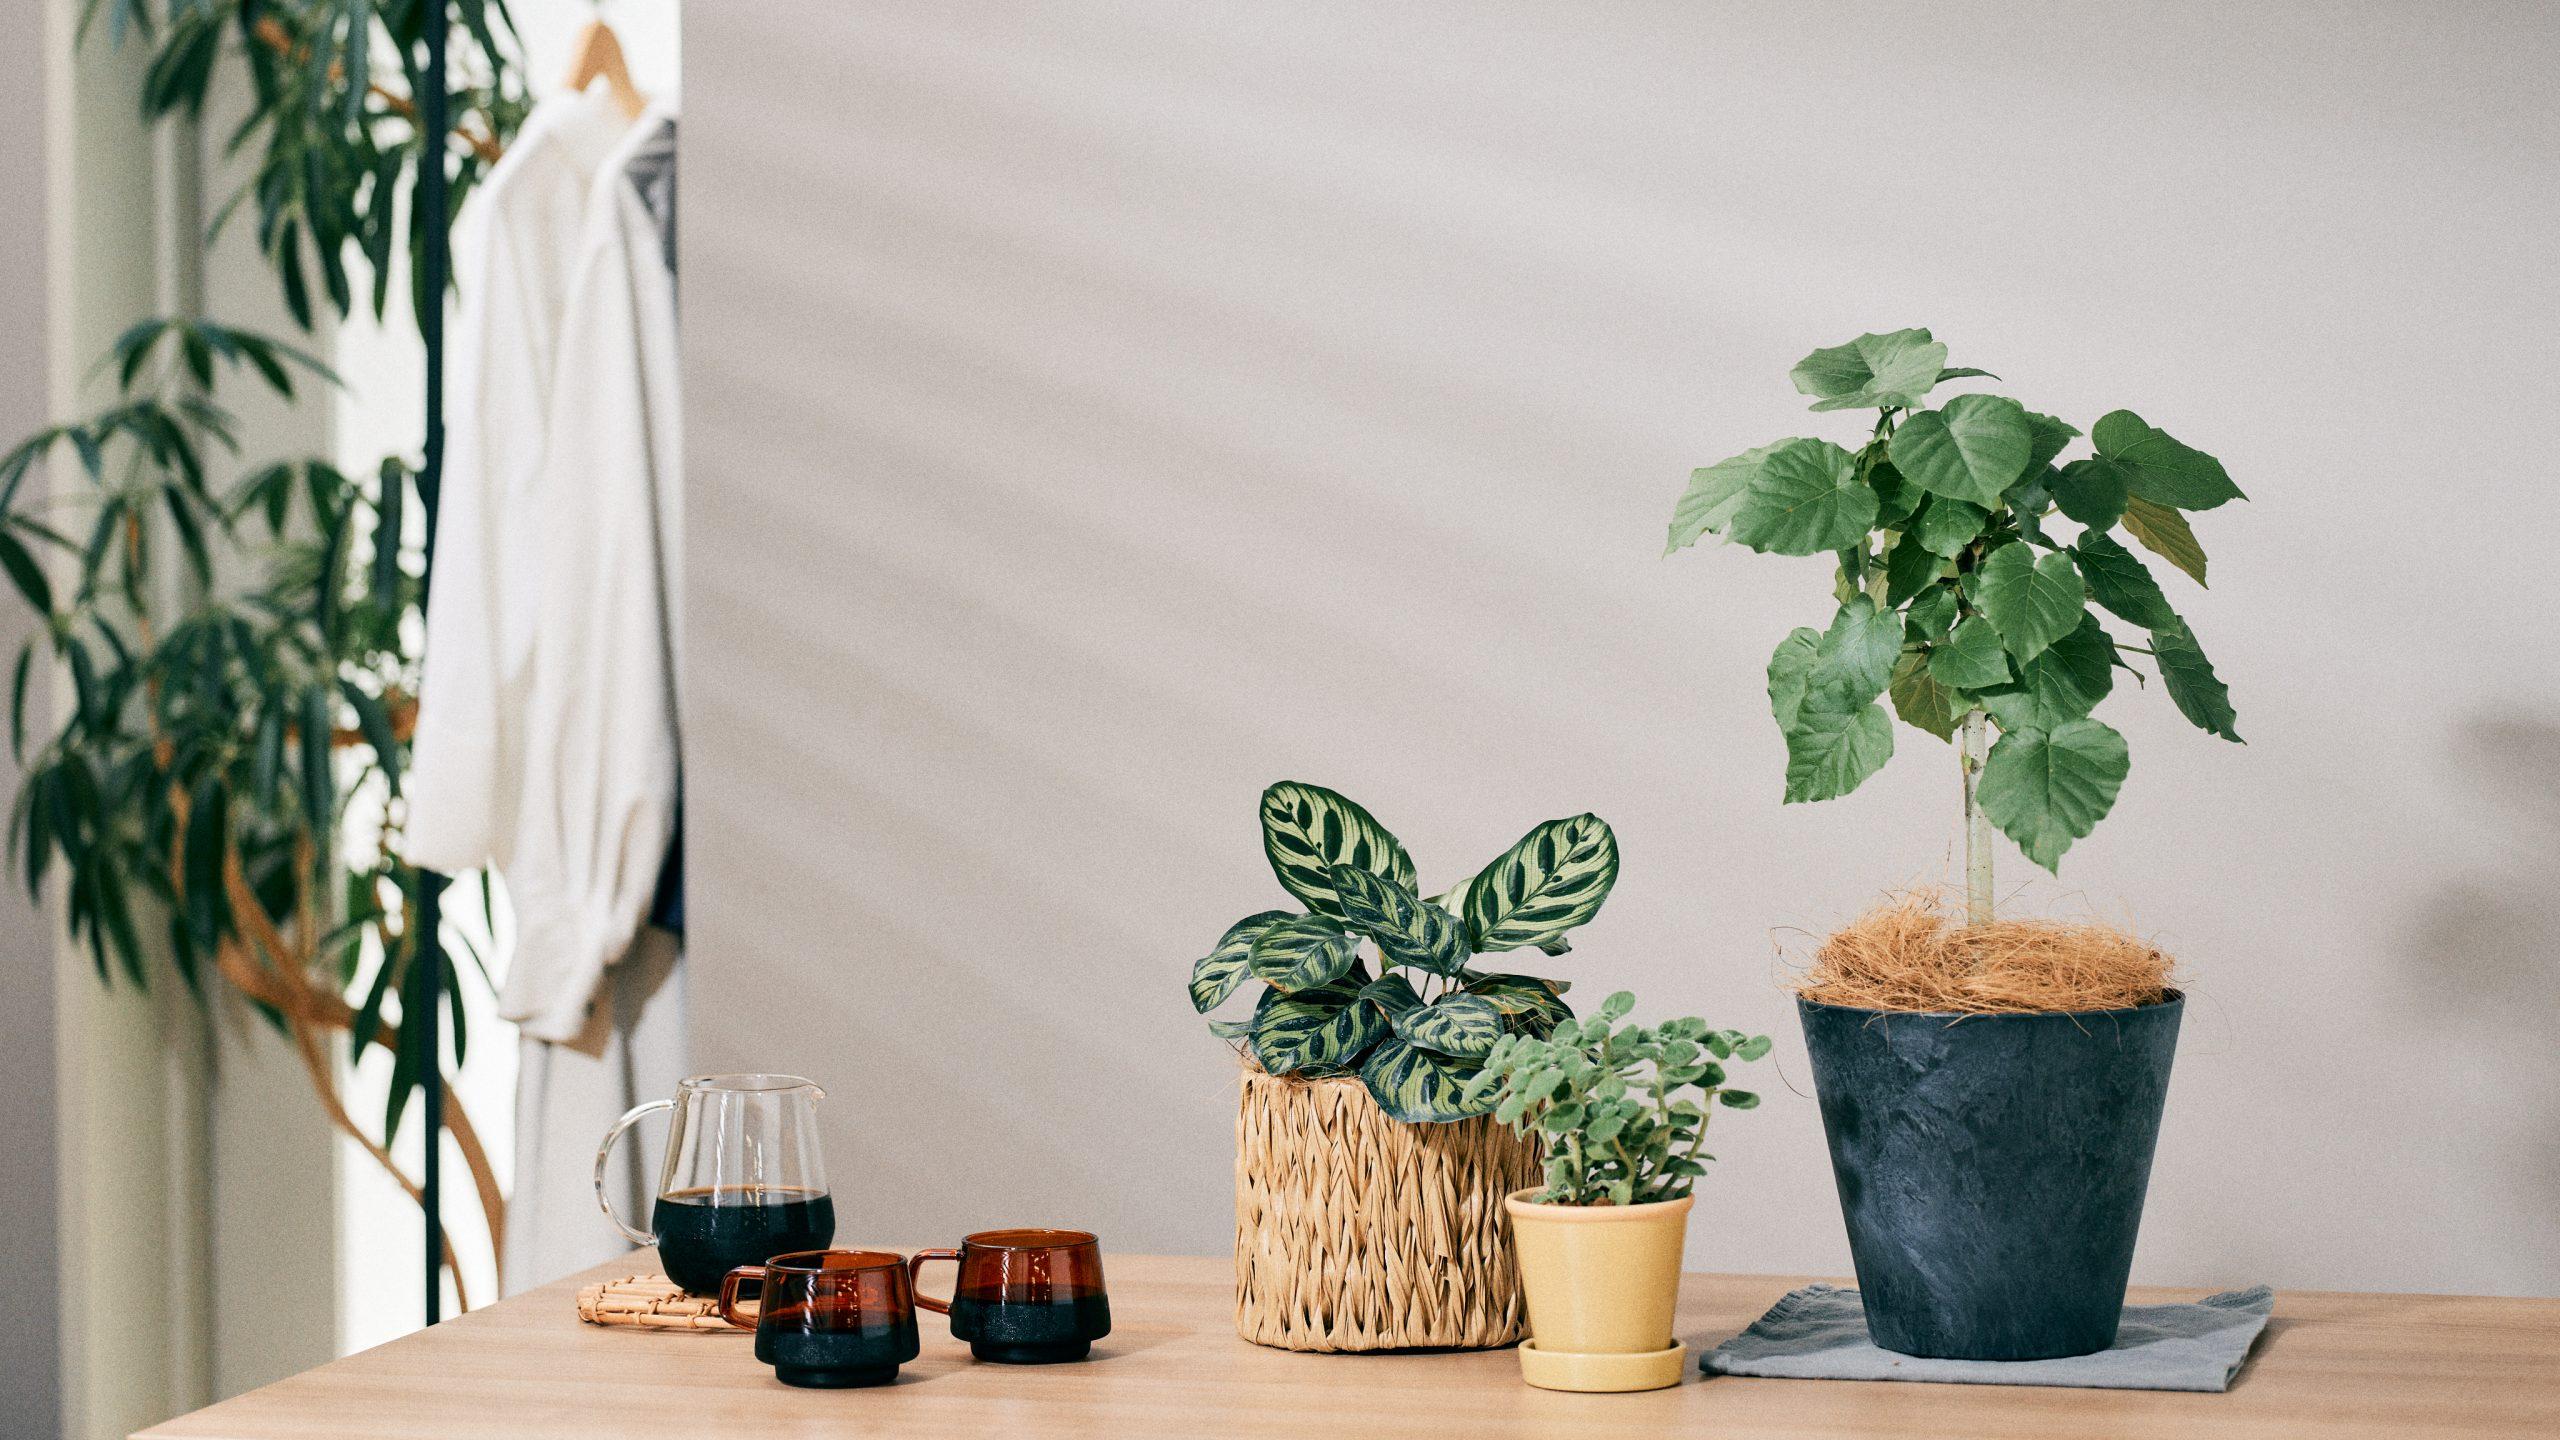 鉢と植物がセットで買える! 連載「みんなの部屋」で登場した植物をお手入れ方法とあわせてご紹介|ROOMIE GREEN